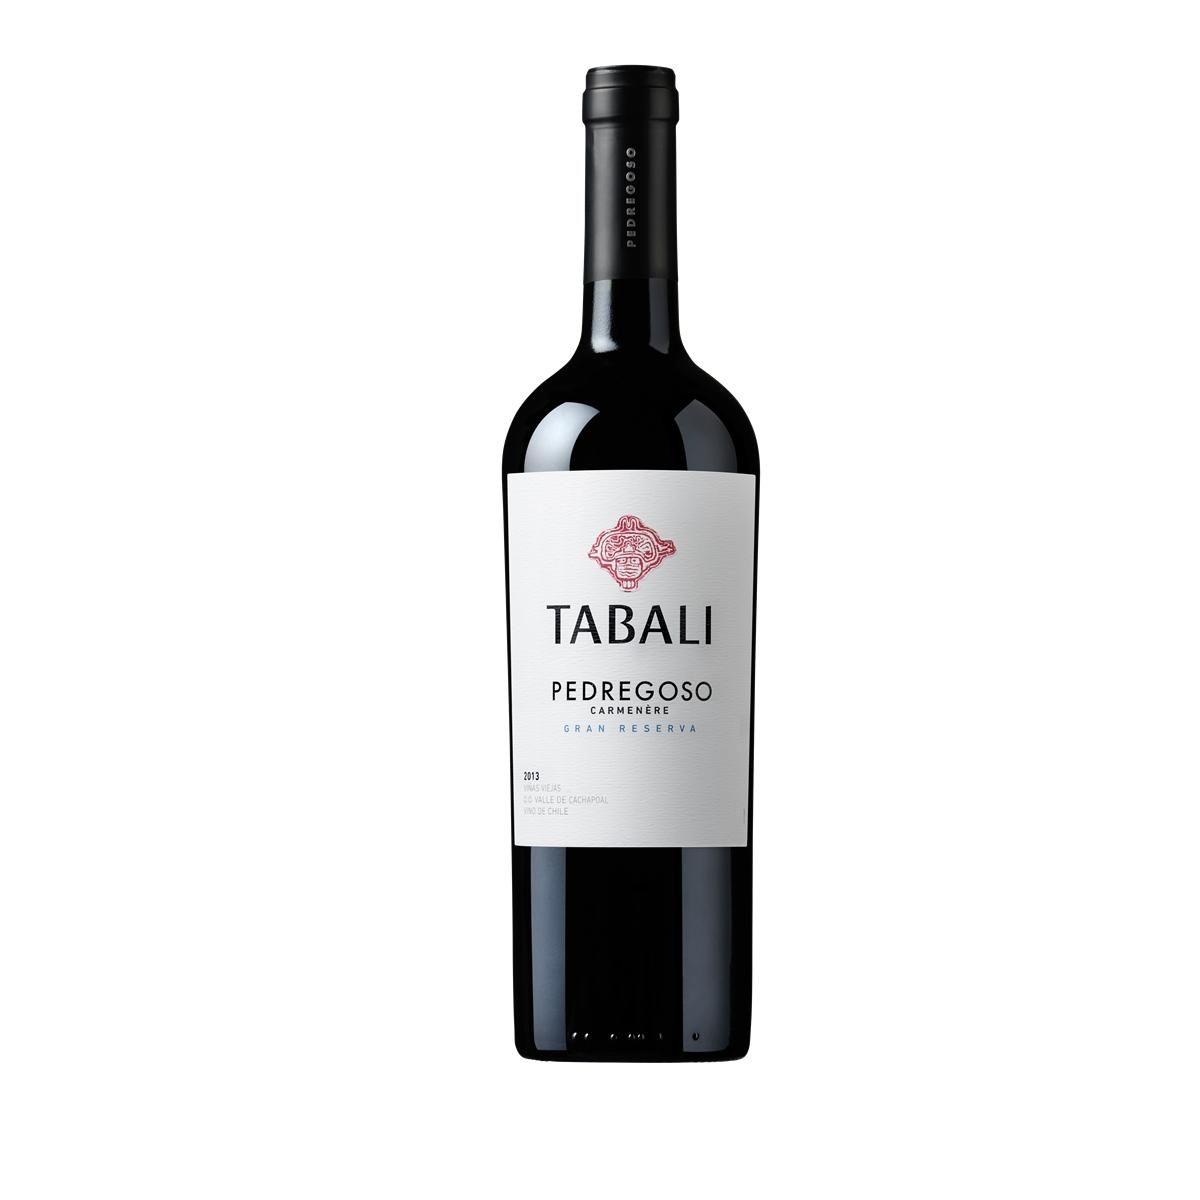 智利利马里谷达百利佳美娜佳酿红葡萄酒